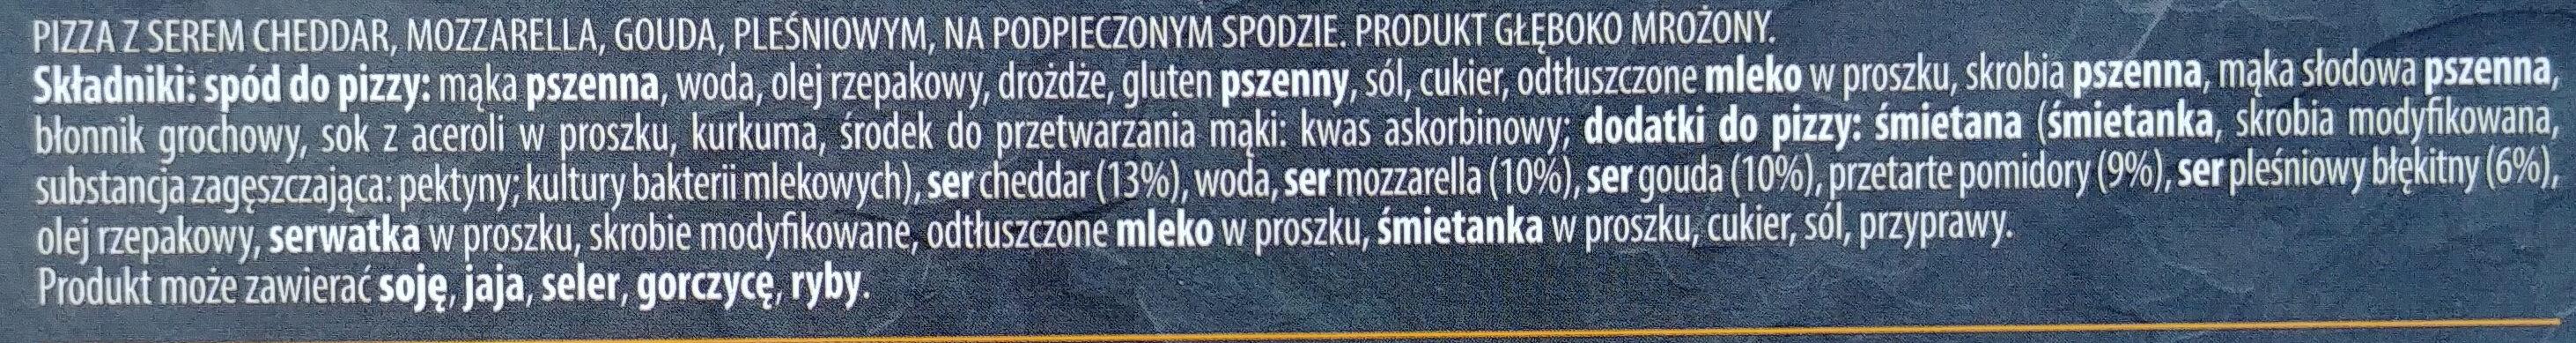 Pizza z serem cheddar, mozarella, gouda, pleśniowym, na podopiecznym spodzie. - Składniki - pl